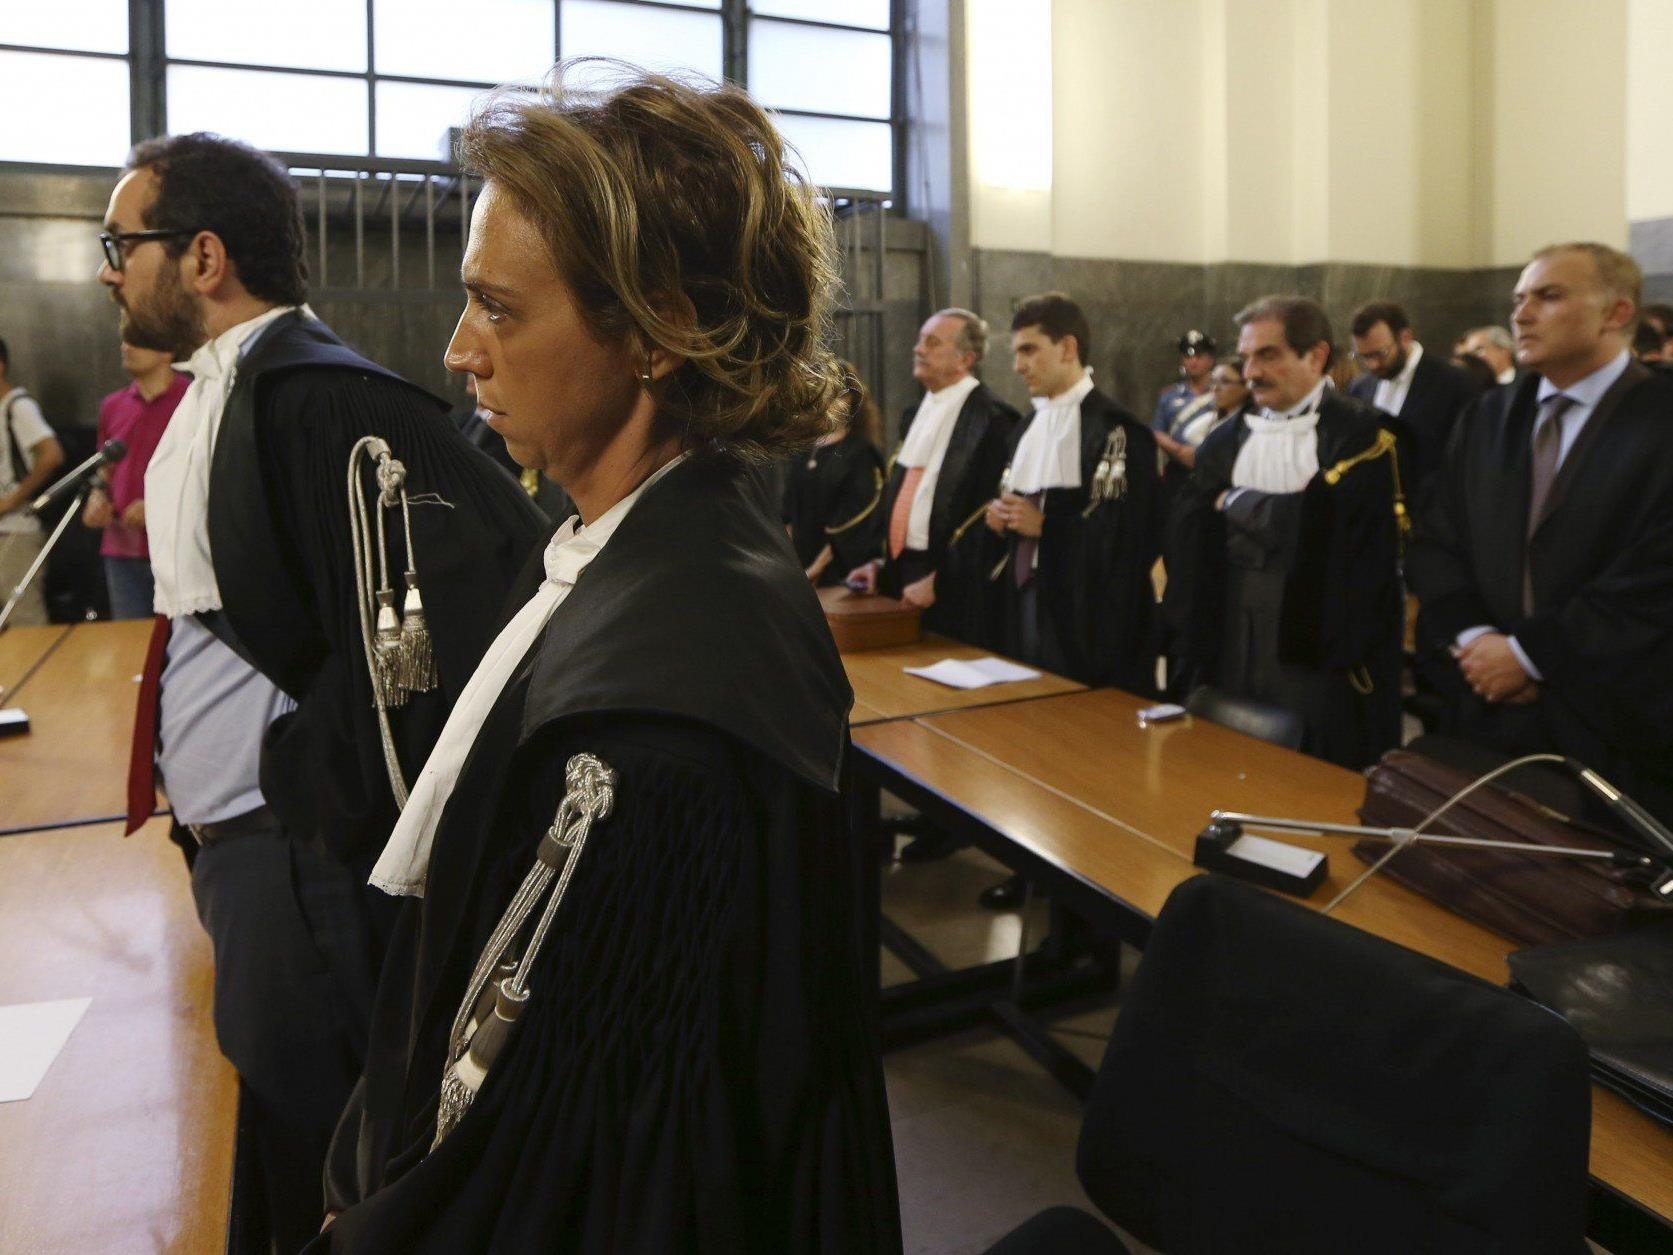 Wegen Steuerbetrugs: Domenico Dolce und Stefano Gabbana zu 20 Monaten Haft verurteilt.